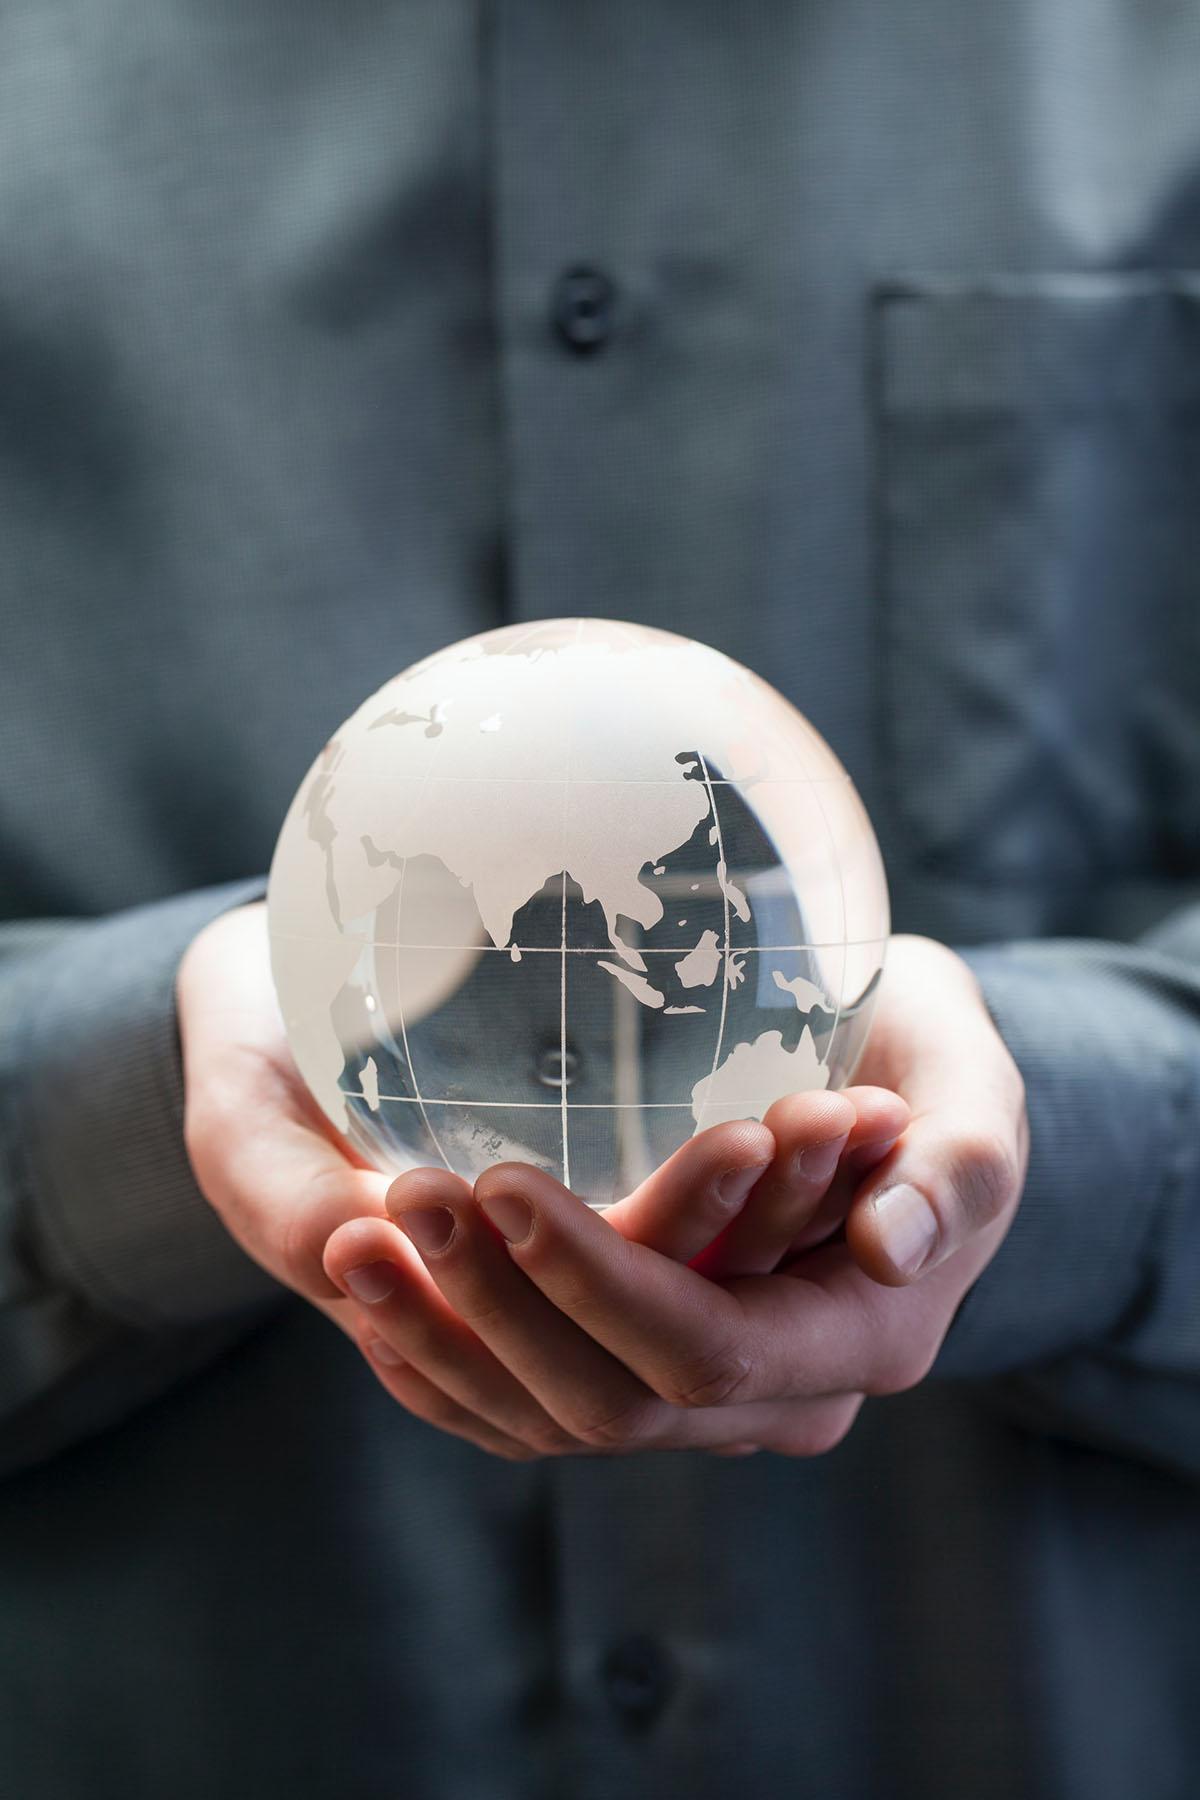 digitaaliset-valuutat-globaali